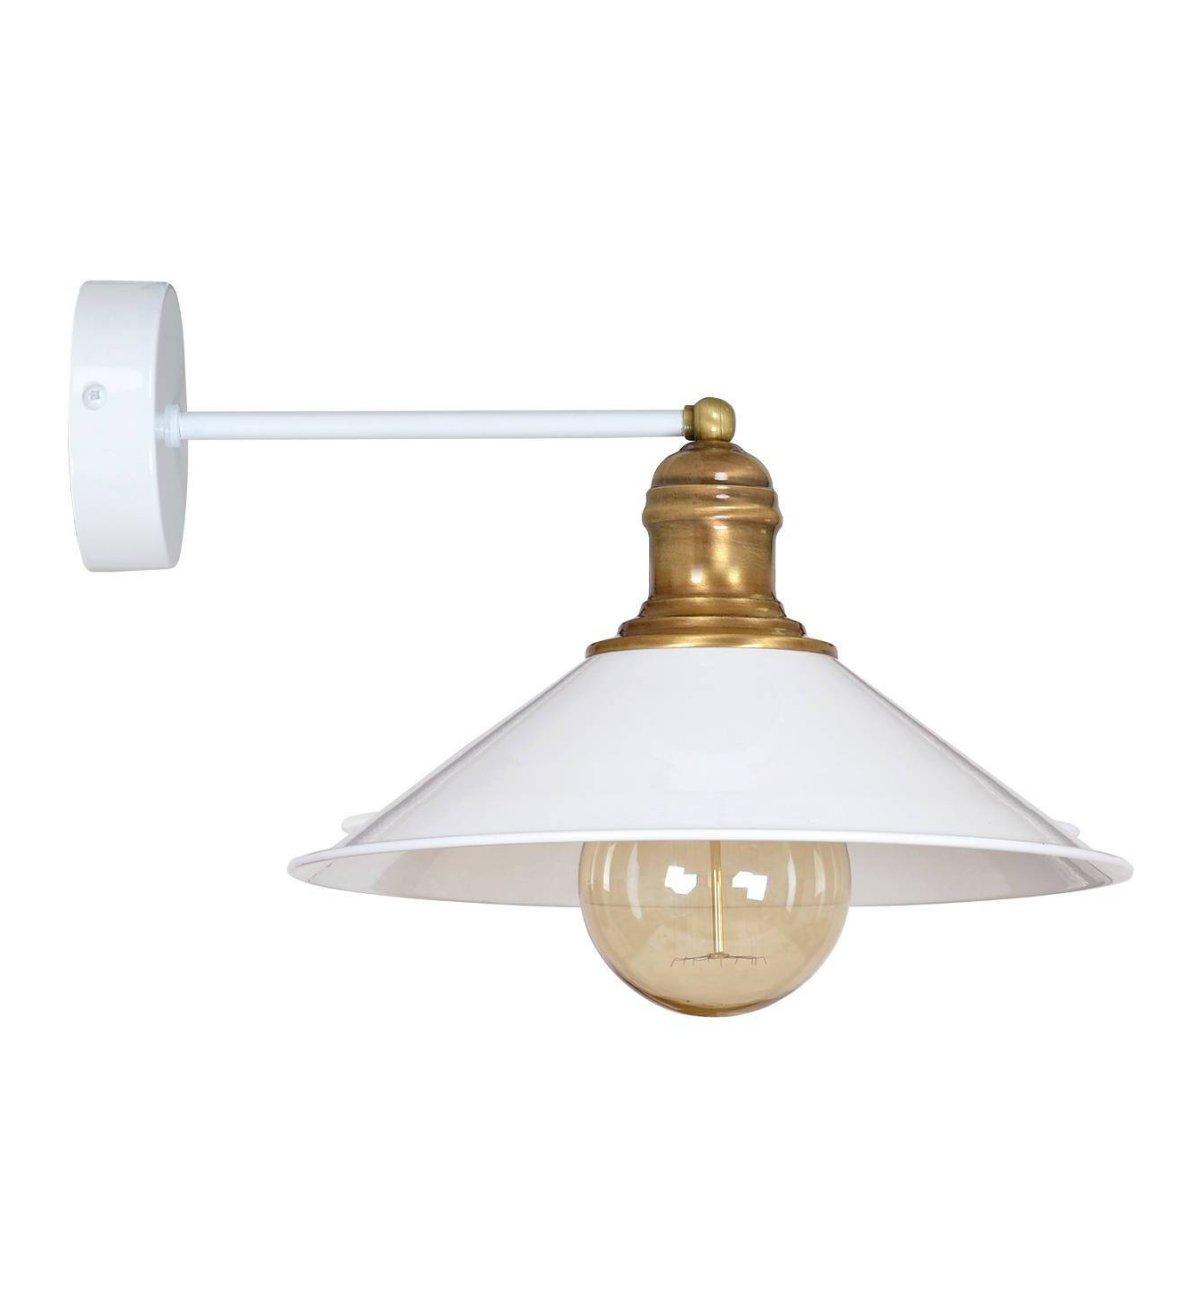 Oryginalna Lampa Kinkiet W Stylu Retro Loft Edison Sklep Internetowy Light Home